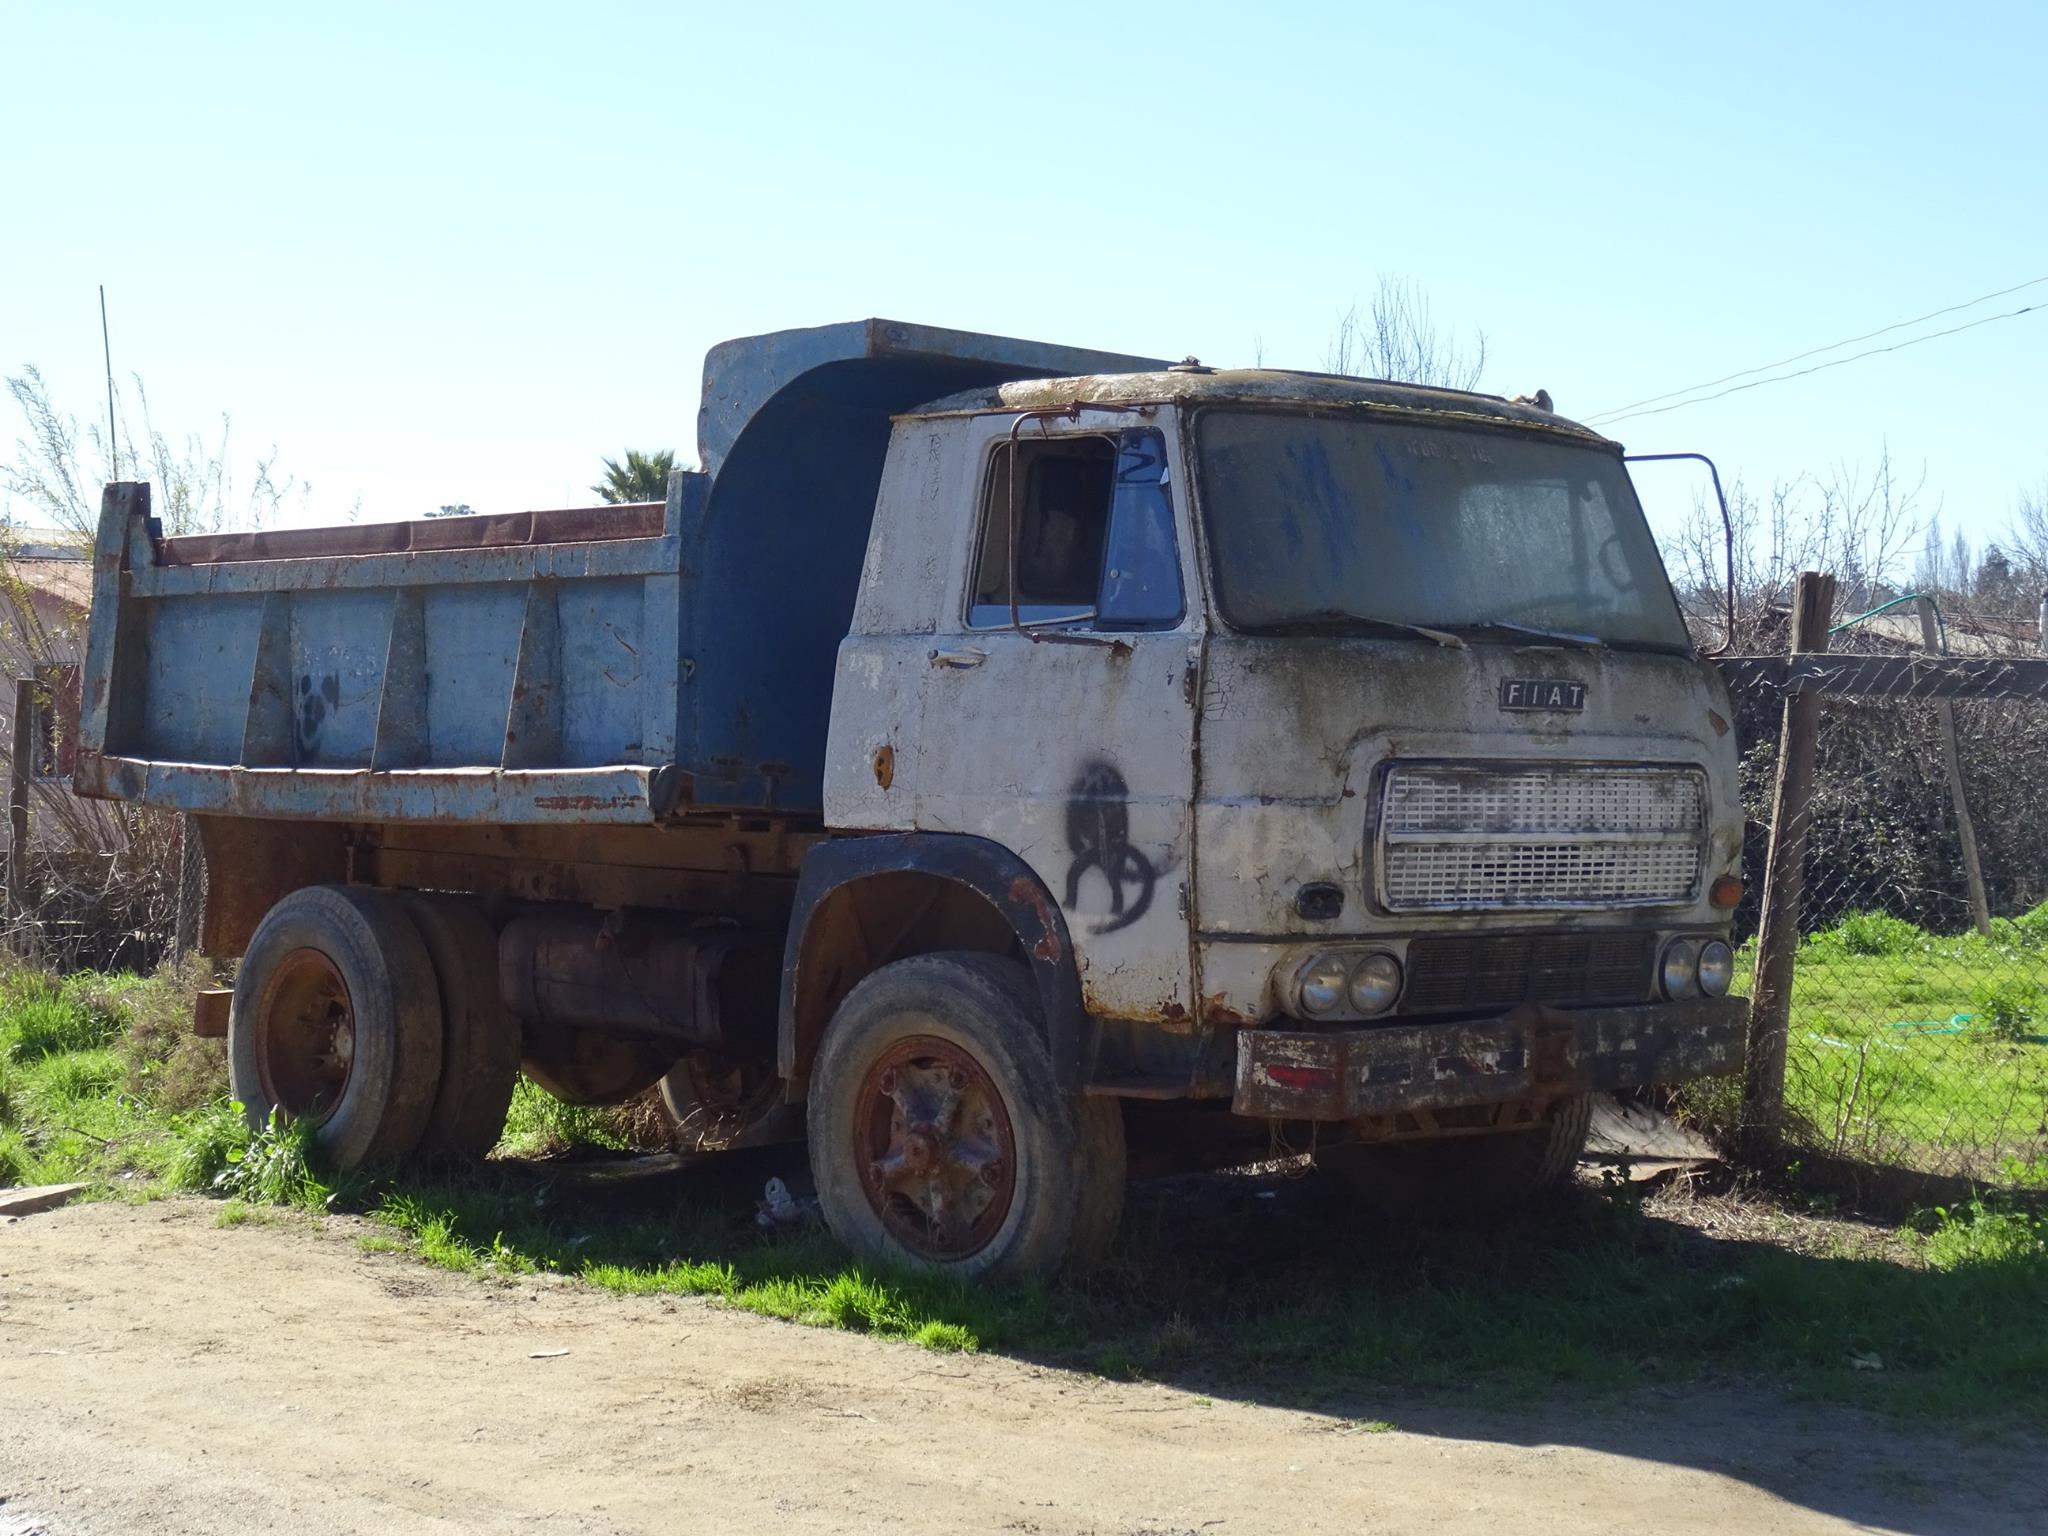 Camiones-vieja-escuela-olvidados-37